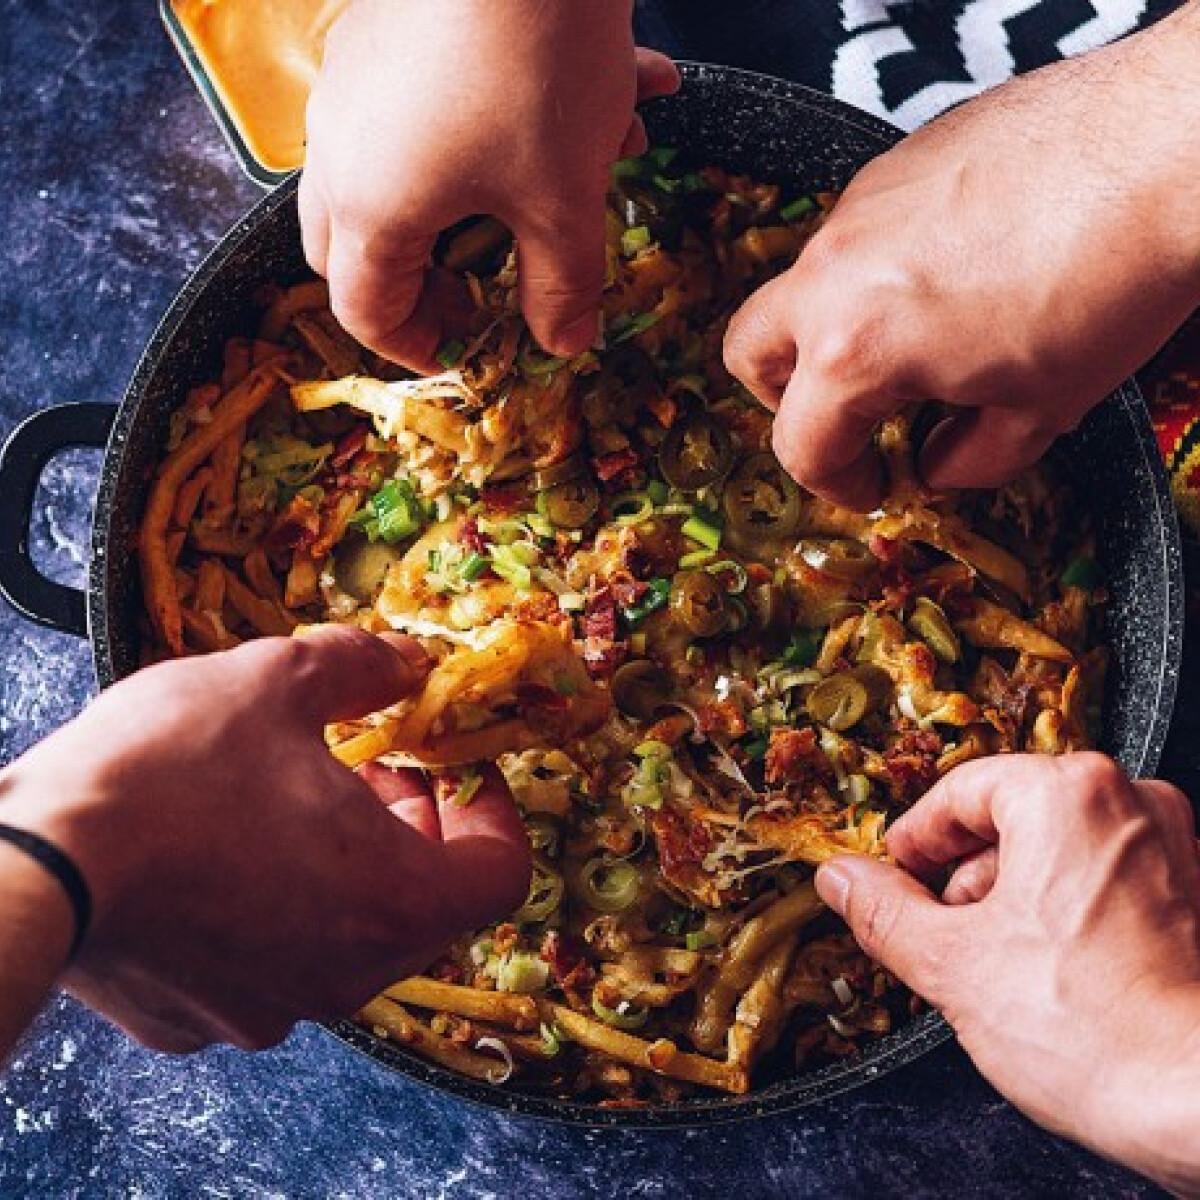 Dirty Fries - A megpakolt sült krumpli